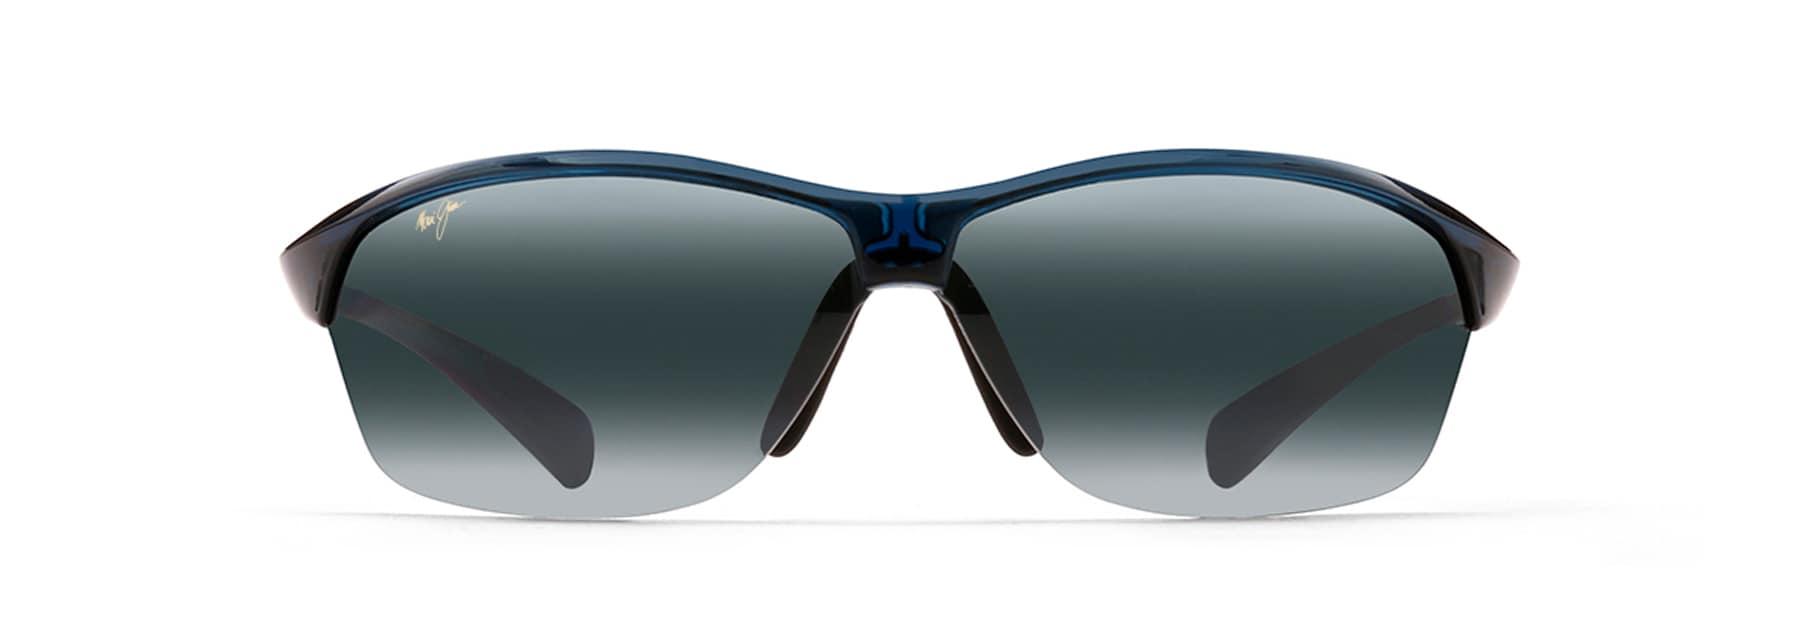 dc98a5da90 Hot Sands lentes de sol polarizados | Maui Jim®